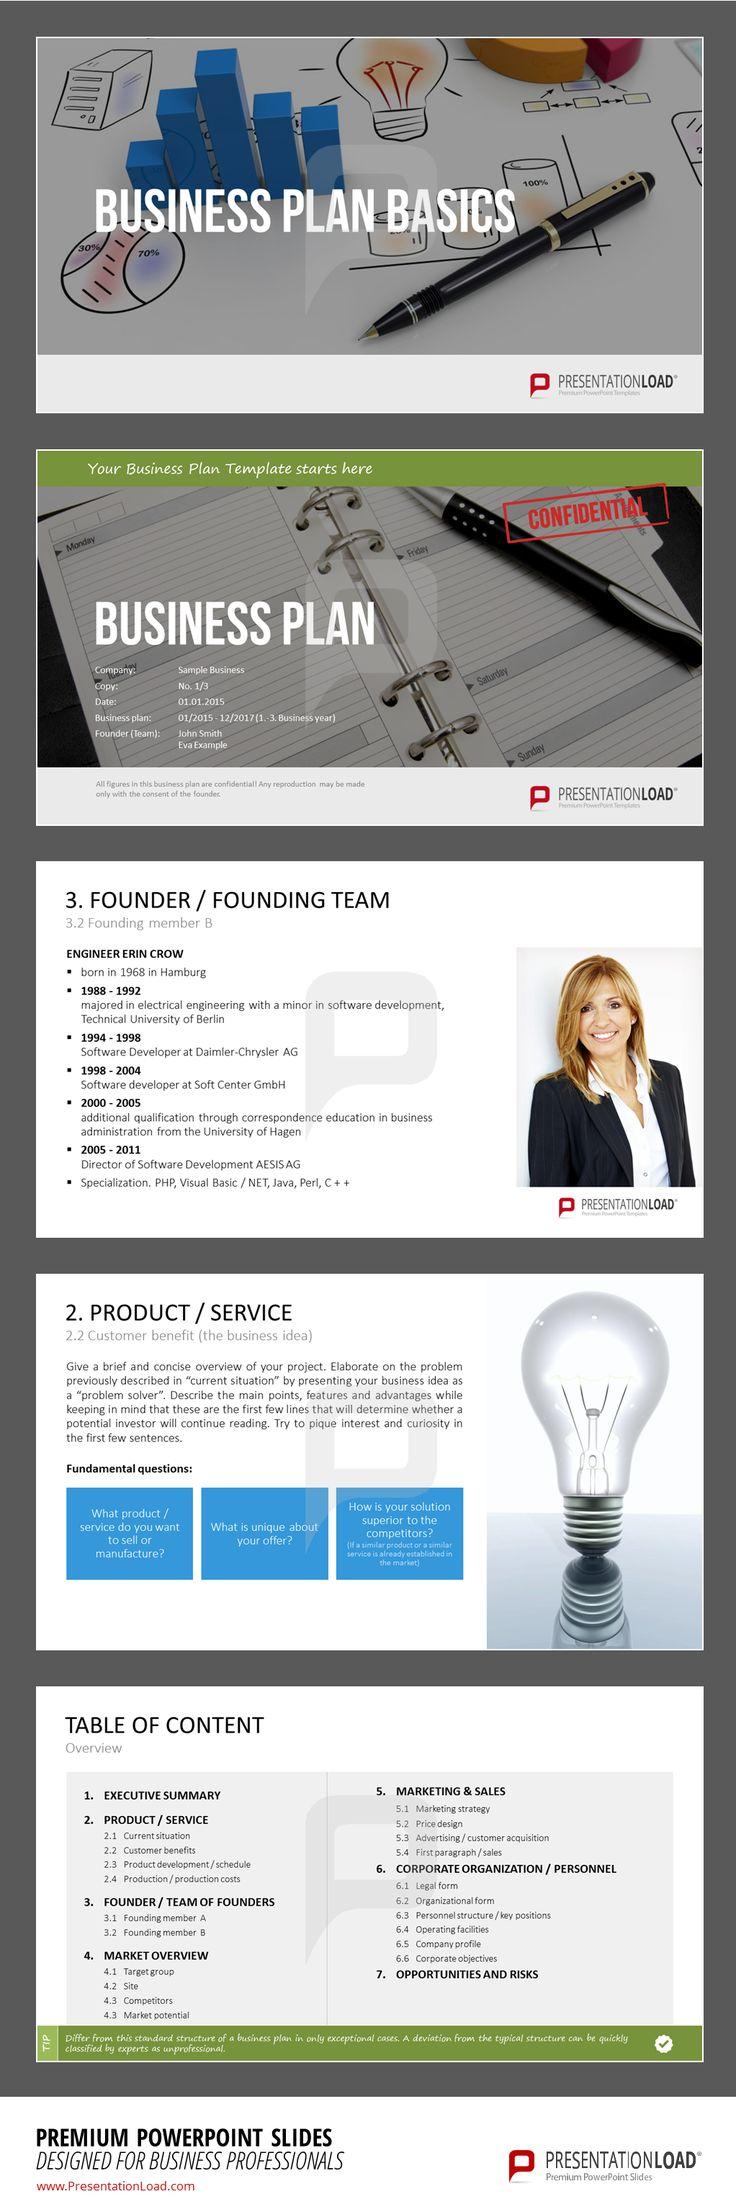 A business plan is a written document